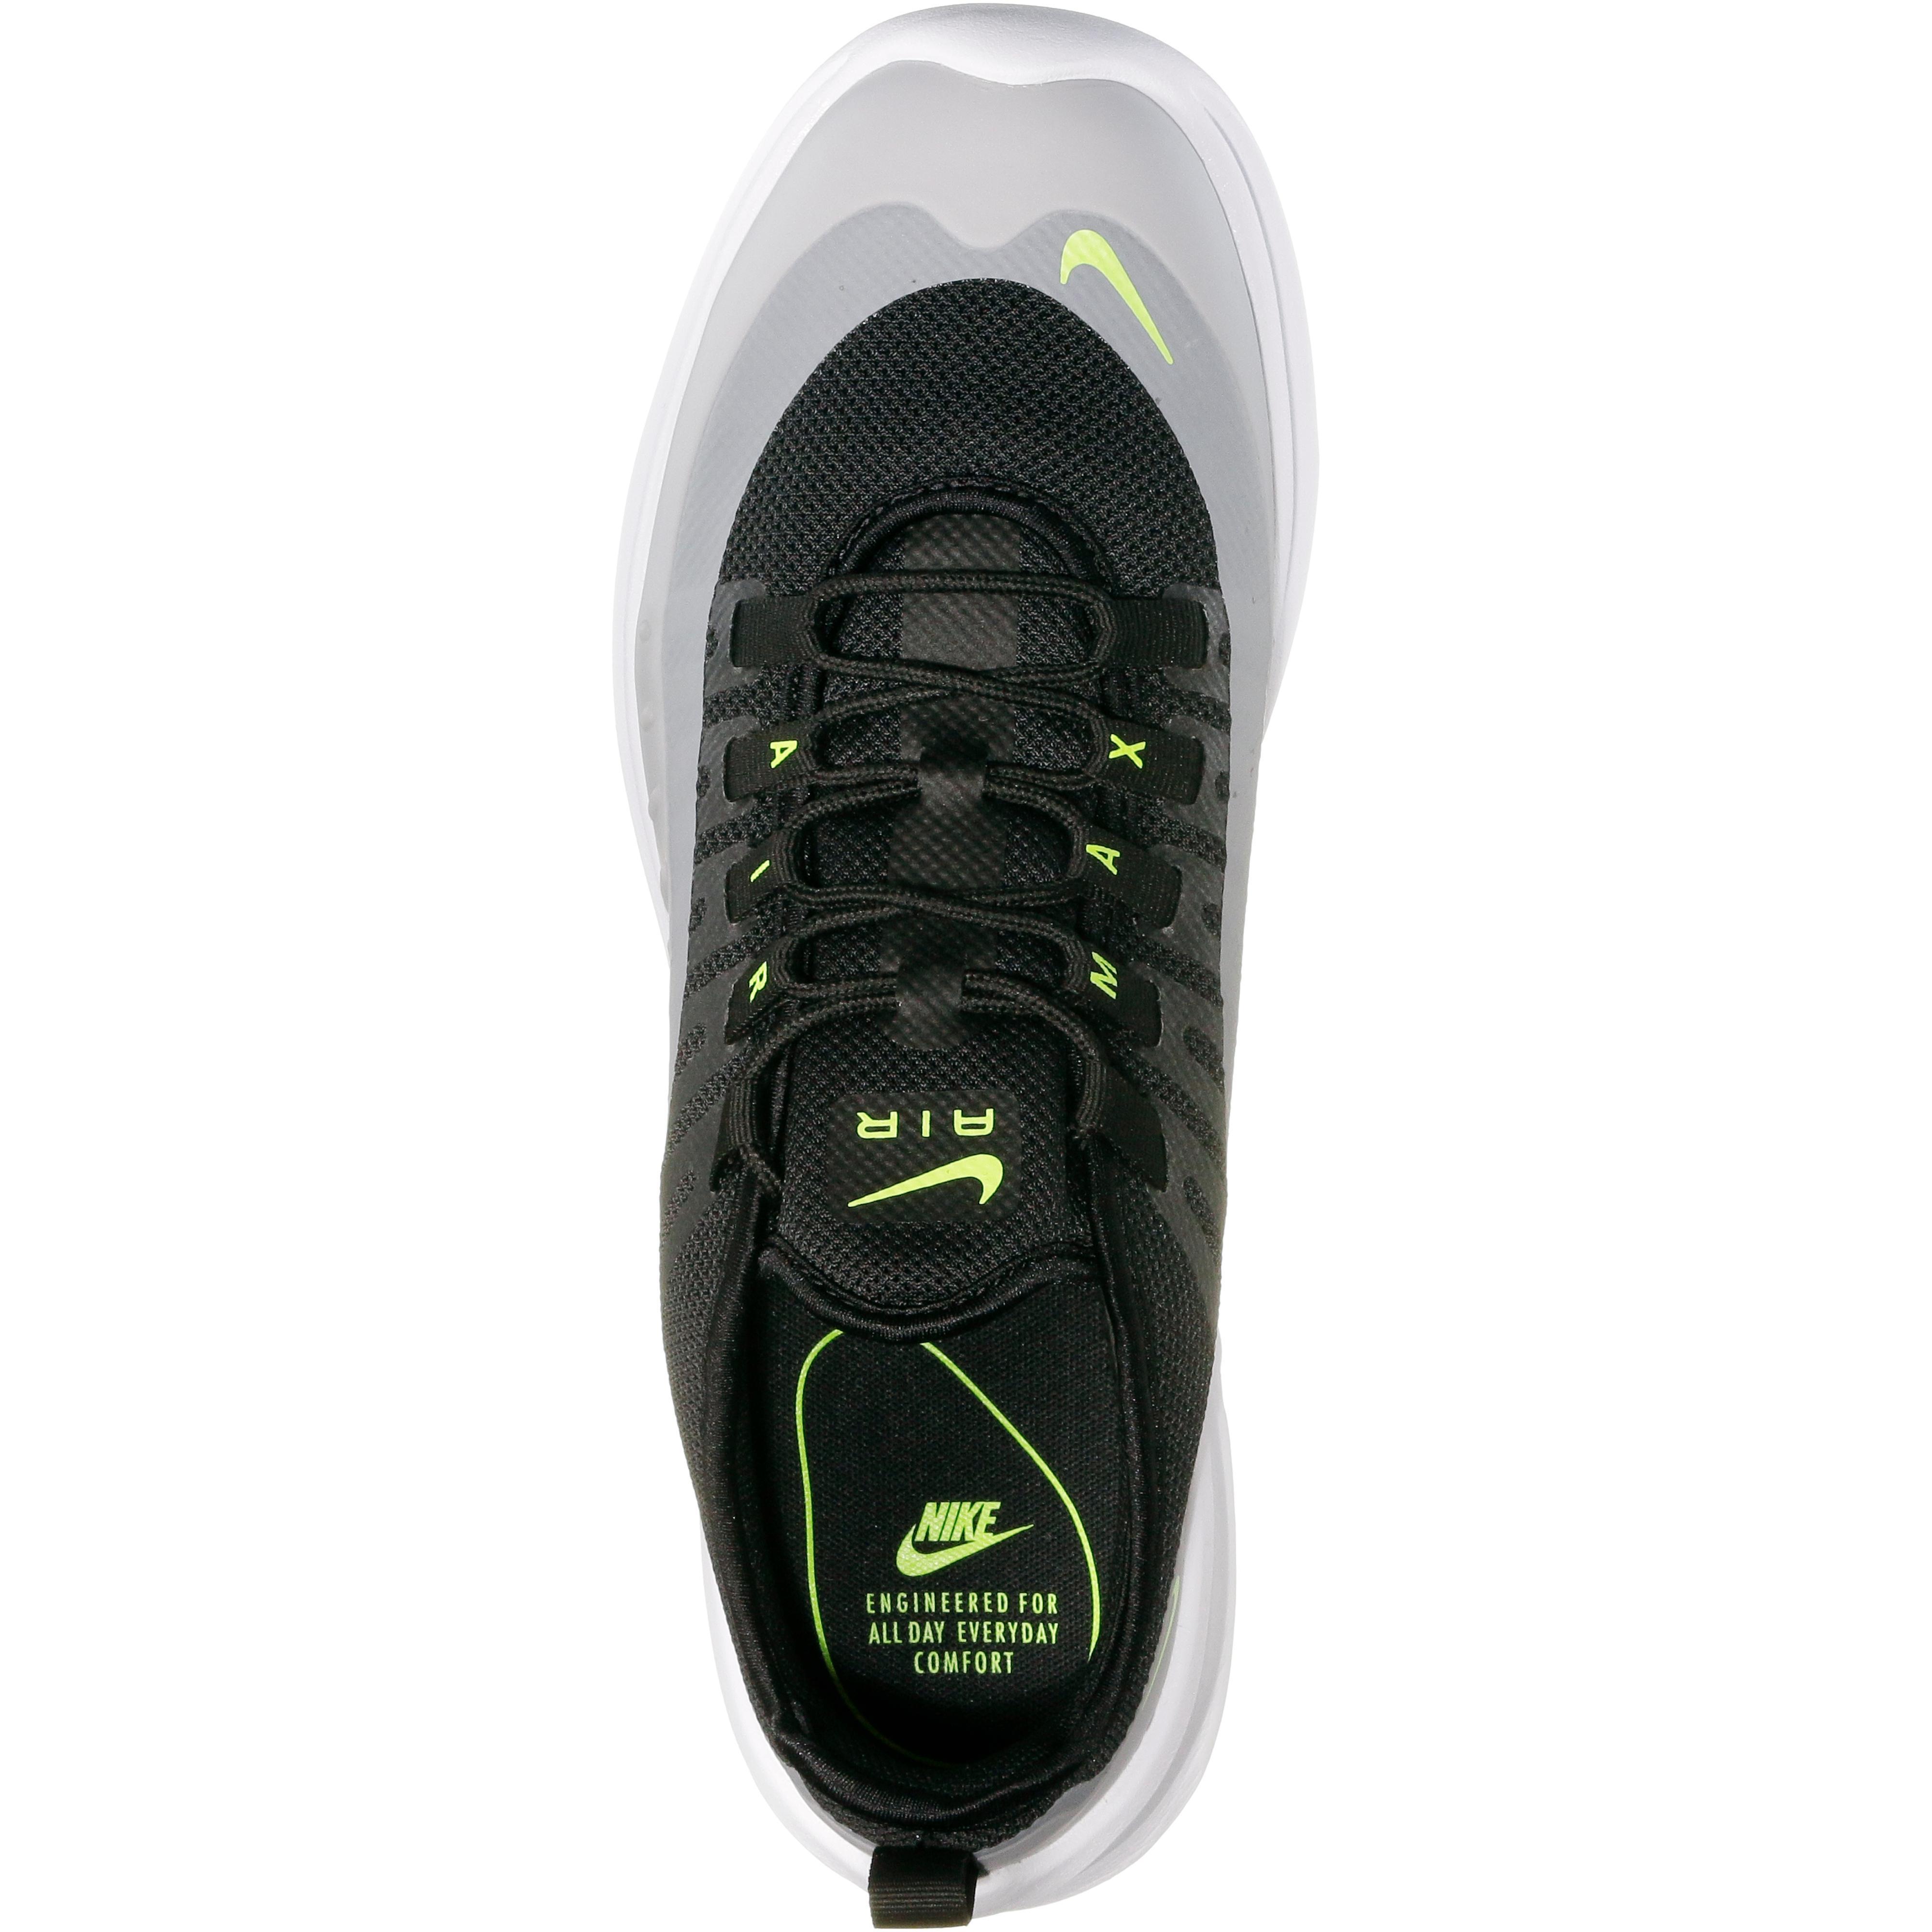 Nike AIR MAX MAX MAX AXIS Turnschuhe Herren schwarz-volt-wolf grau-anthracit im Online Shop von SportScheck kaufen Gute Qualität beliebte Schuhe d3be89